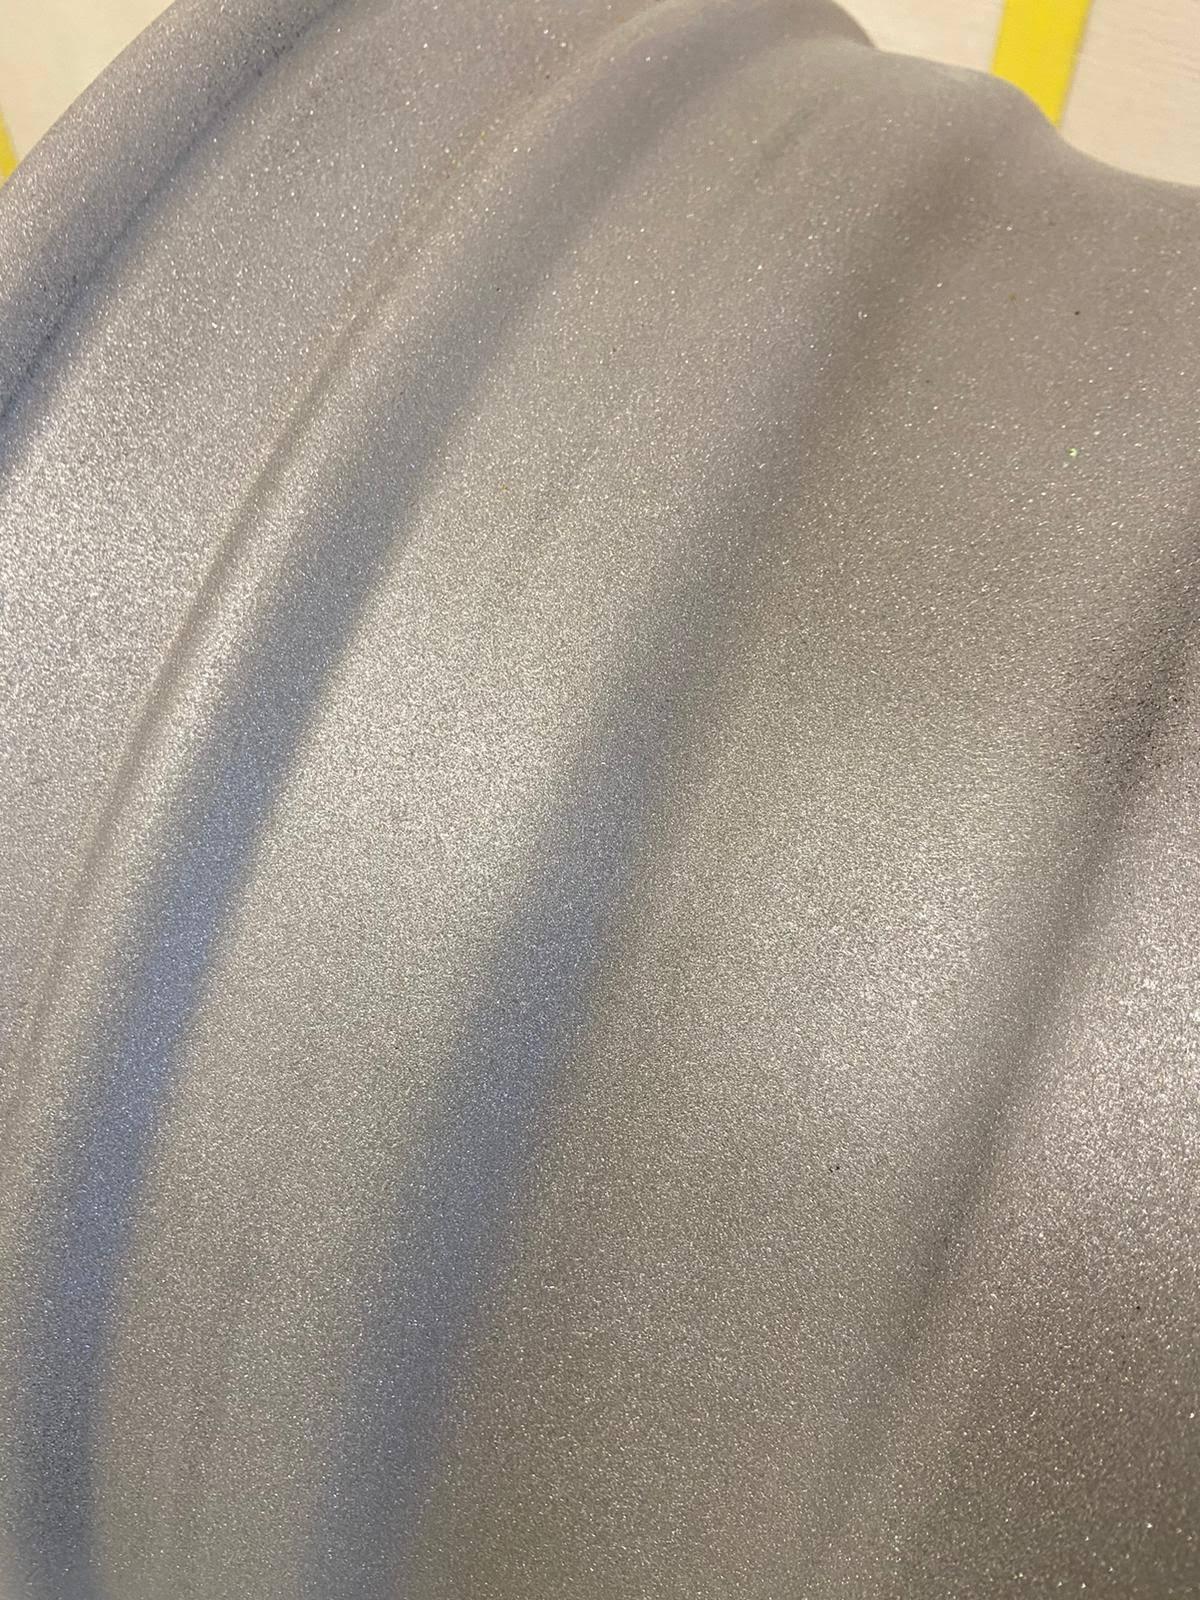 Le détail est propre et l'accrochage de la peinture sera parfait sur ce support propre et net